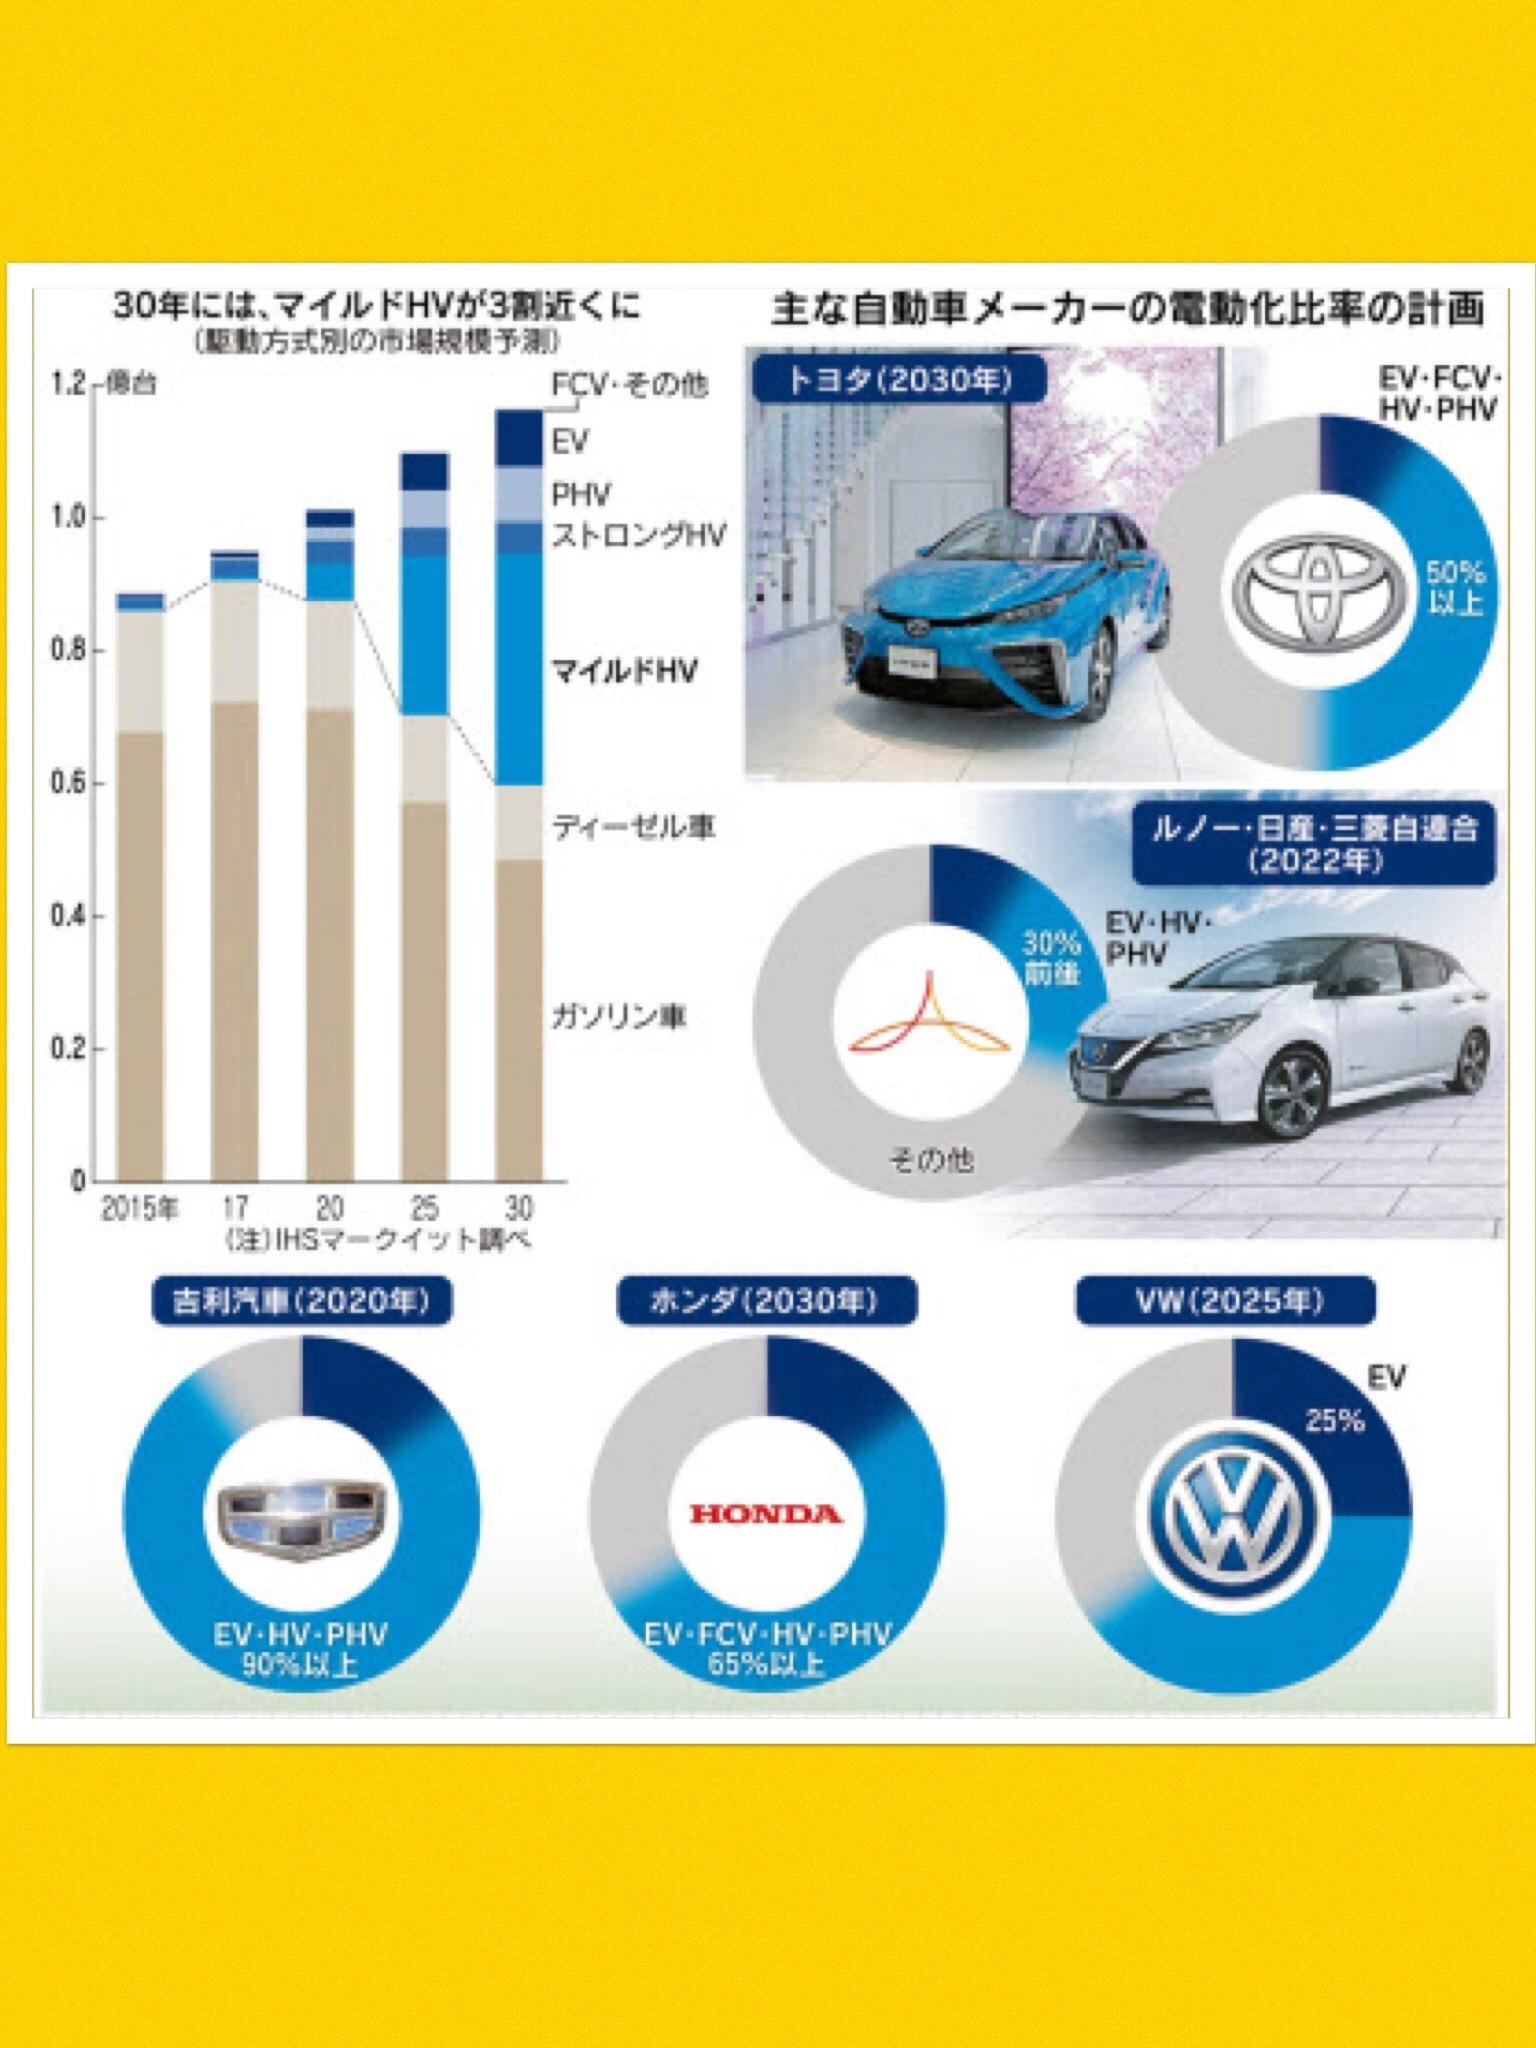 自動車の電動化予測と 自動車各社の電動化目標